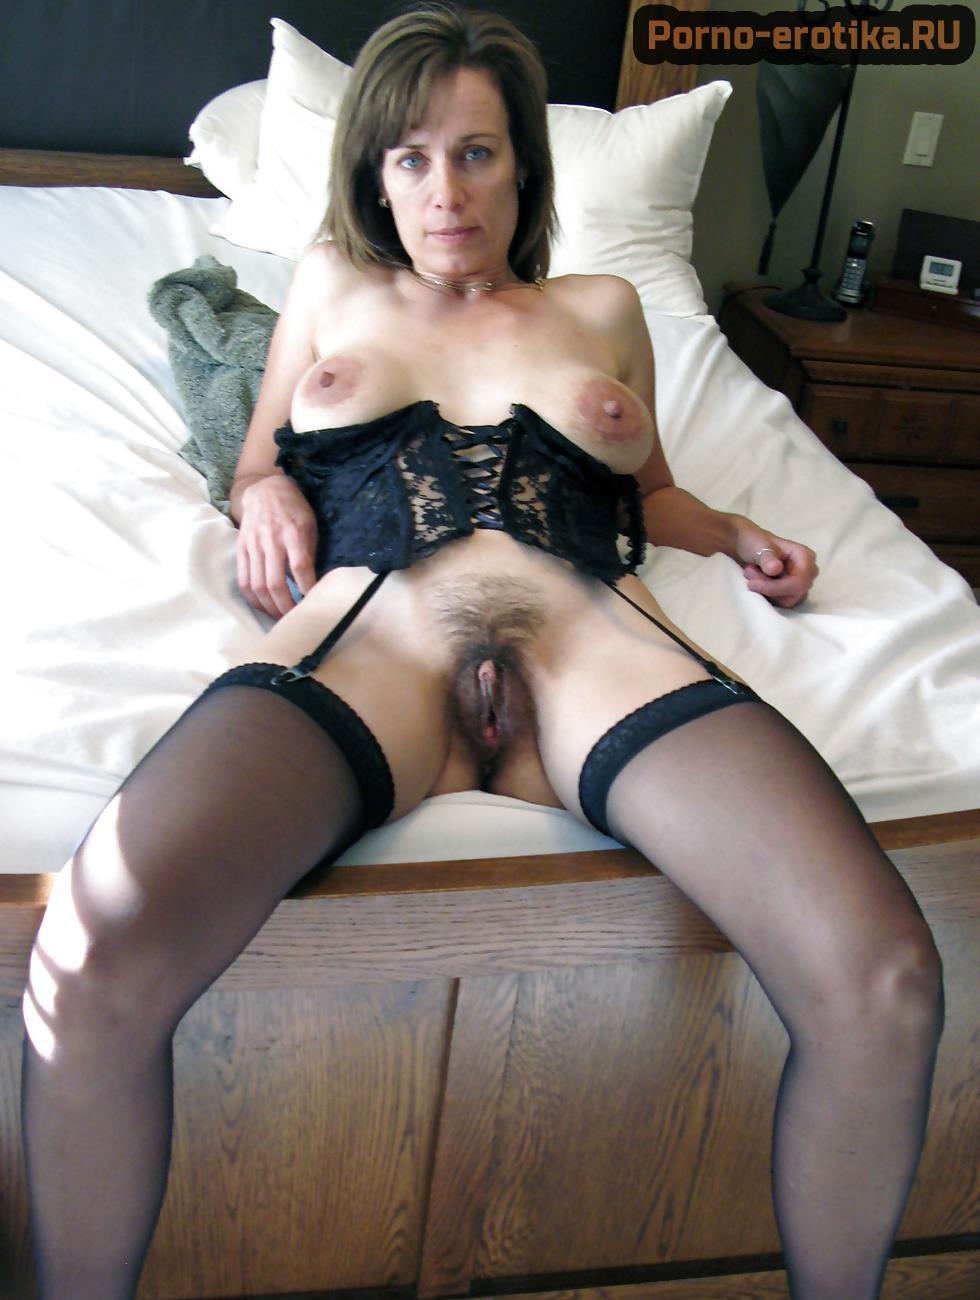 частное интим фото обвисшая грудь